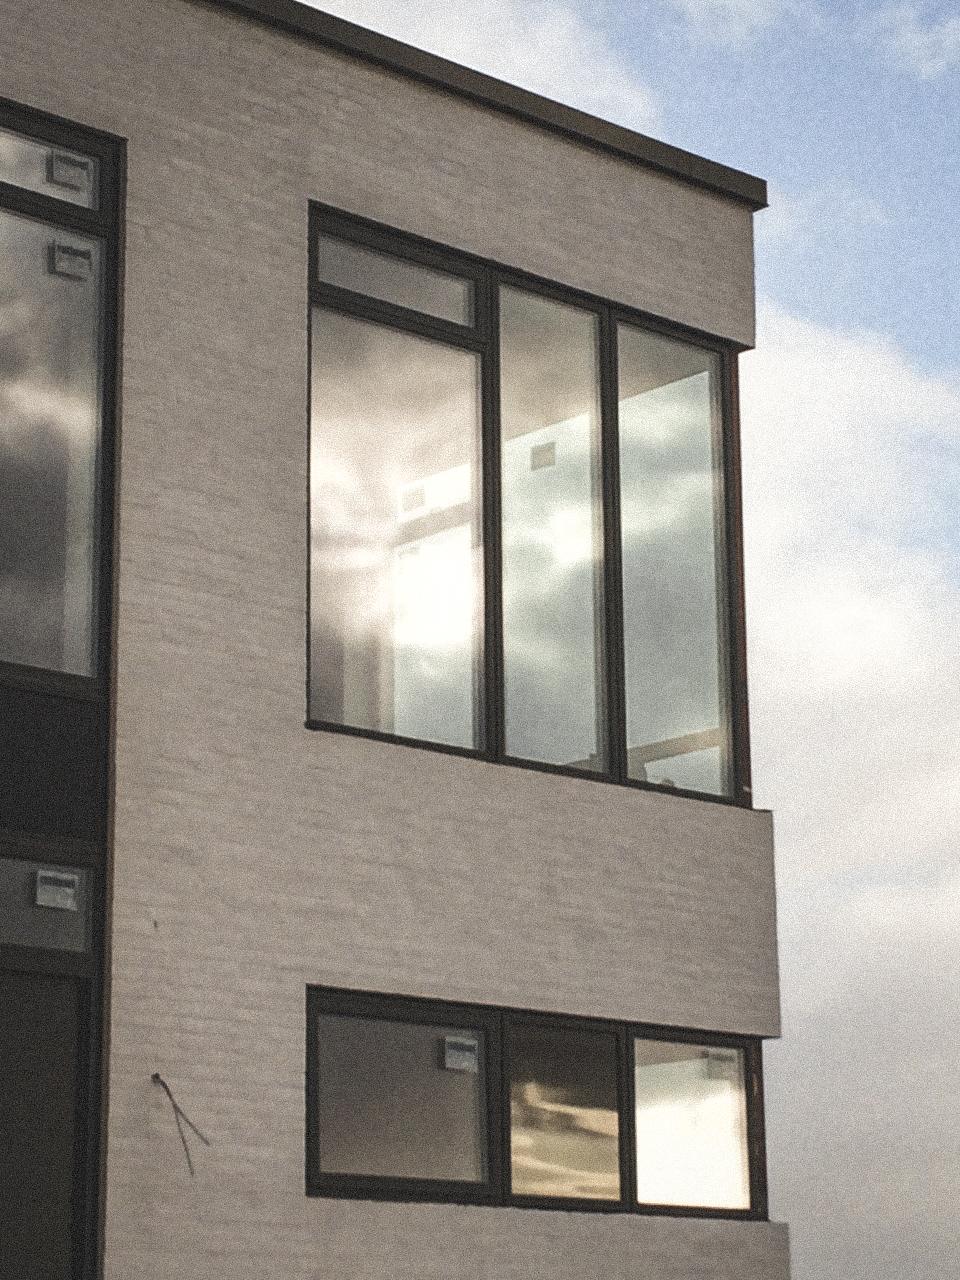 Billede af et igangværende byggeri i Skive , tegnet af arkitektfirmaet m2plus.